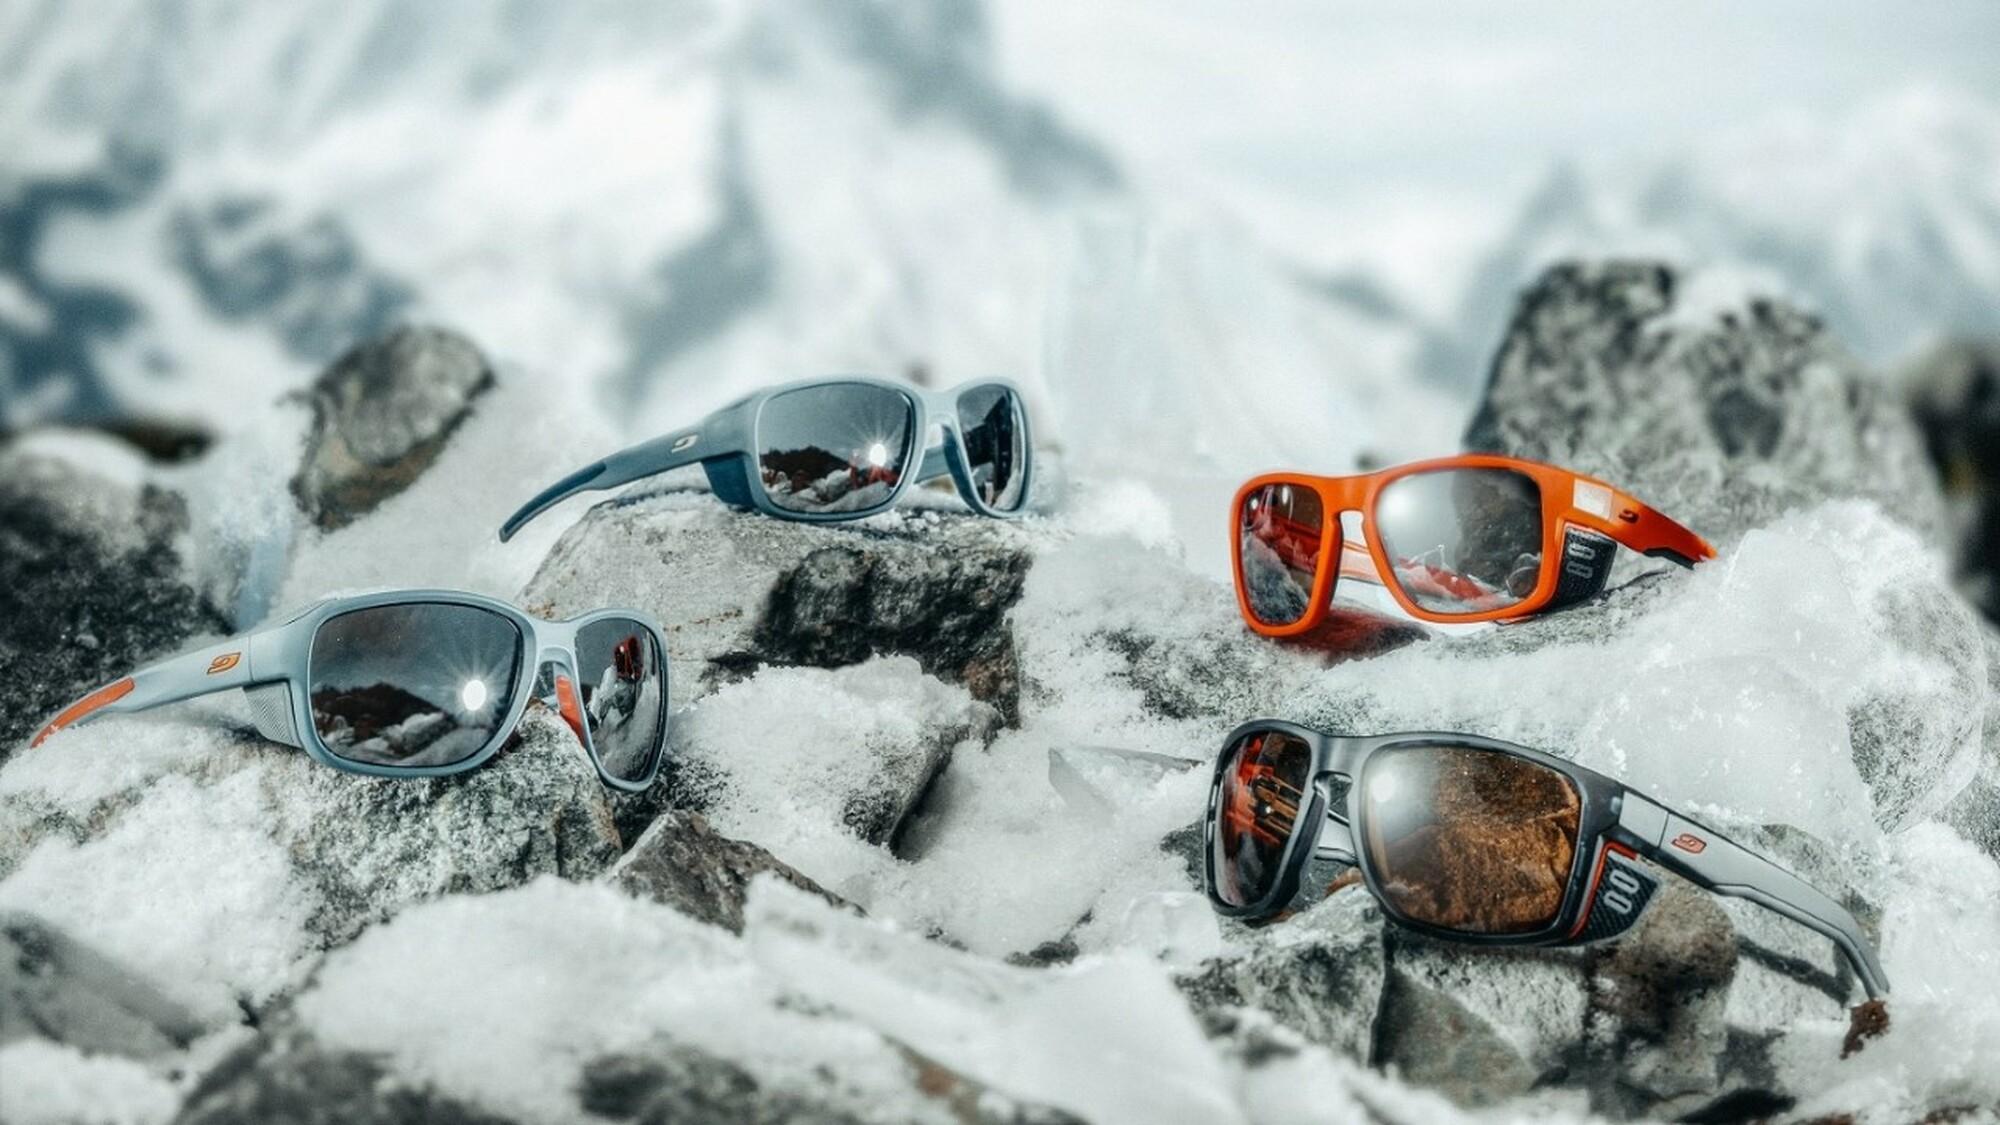 Faktencheck: Julbo – Photochromatische Gläser